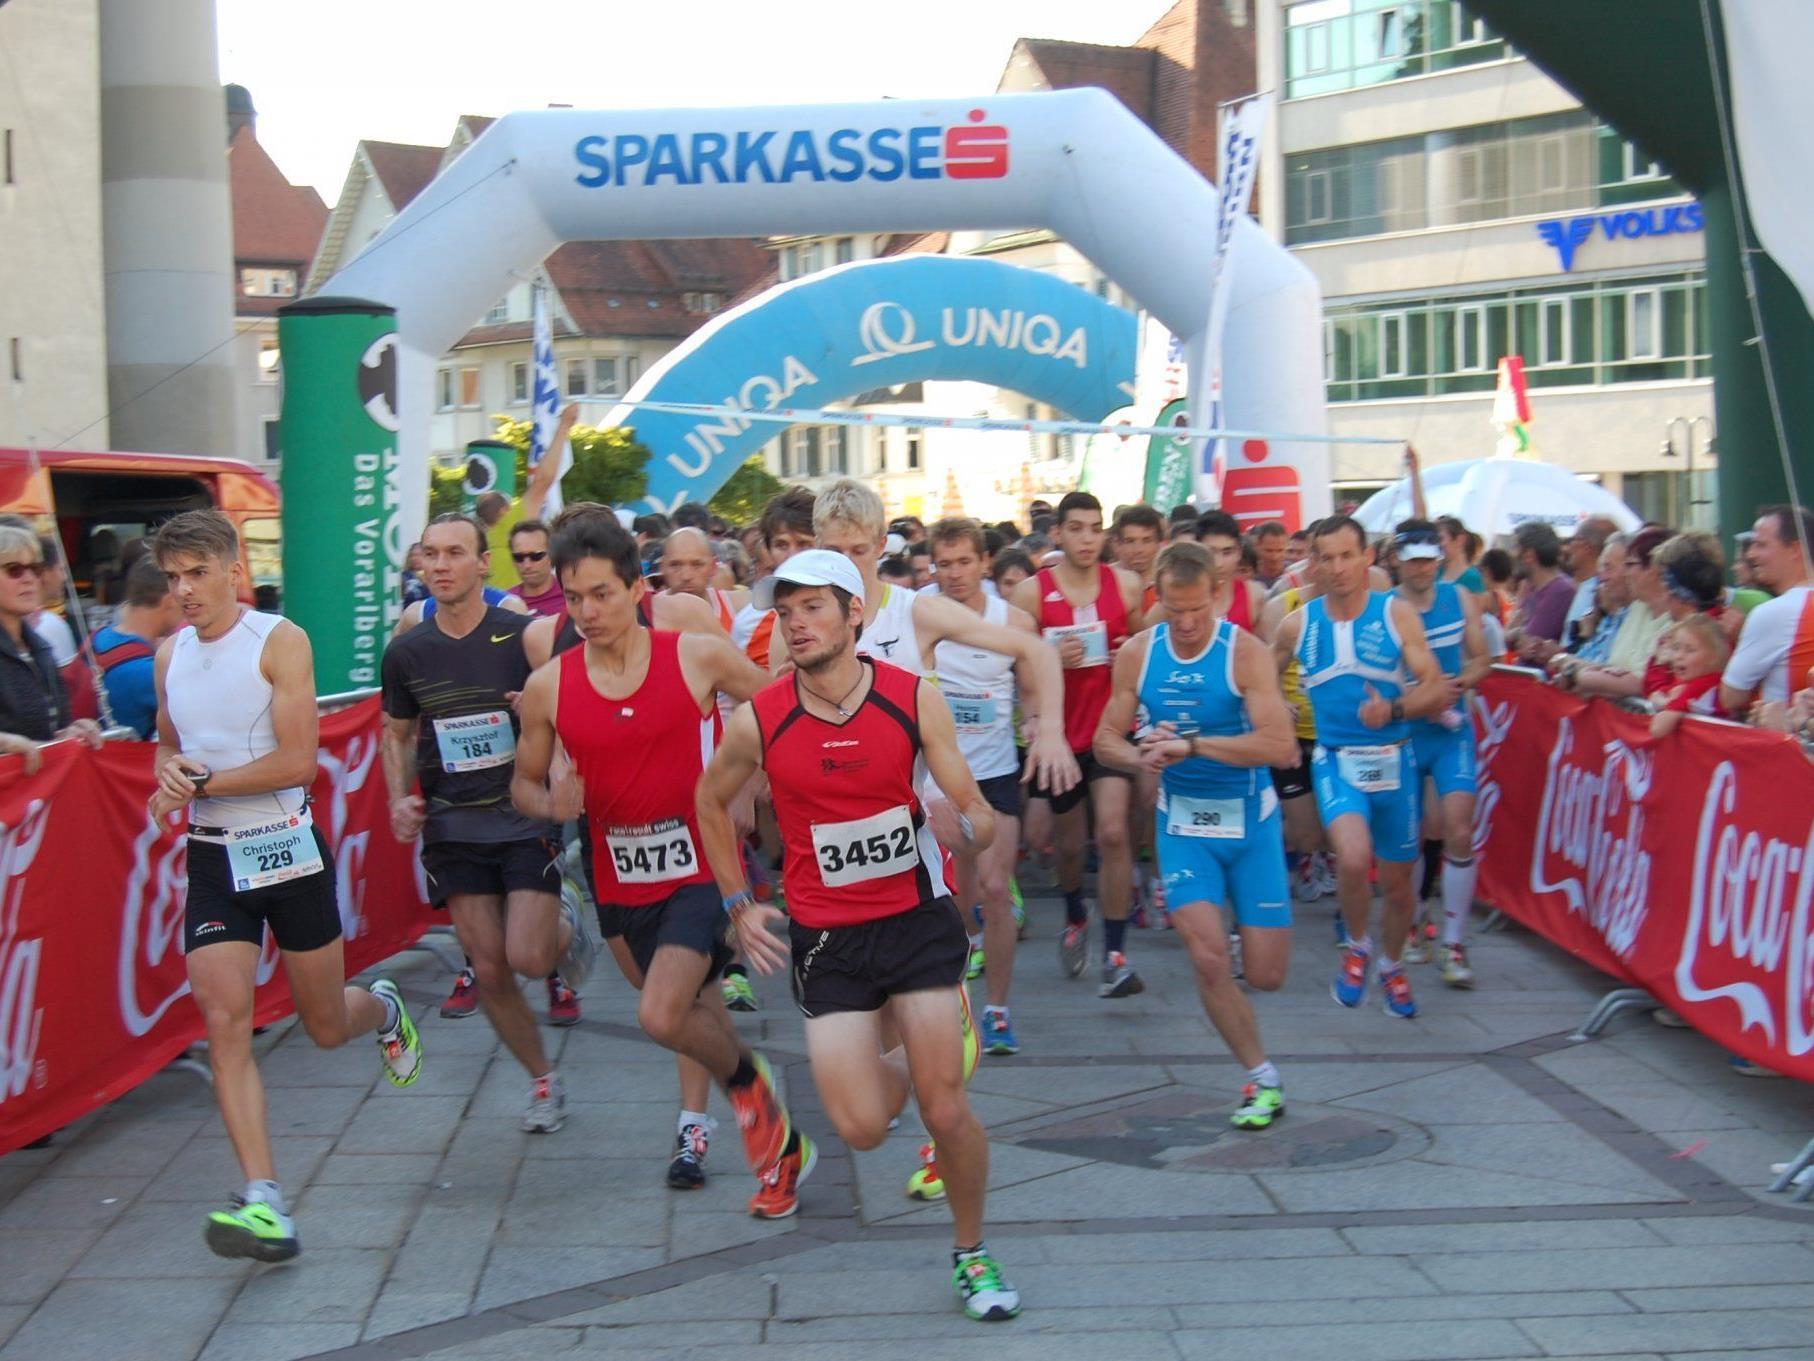 Startschuss des Hauptlaufes beim 16. Dornbirner Sparkasse Stadtlauf